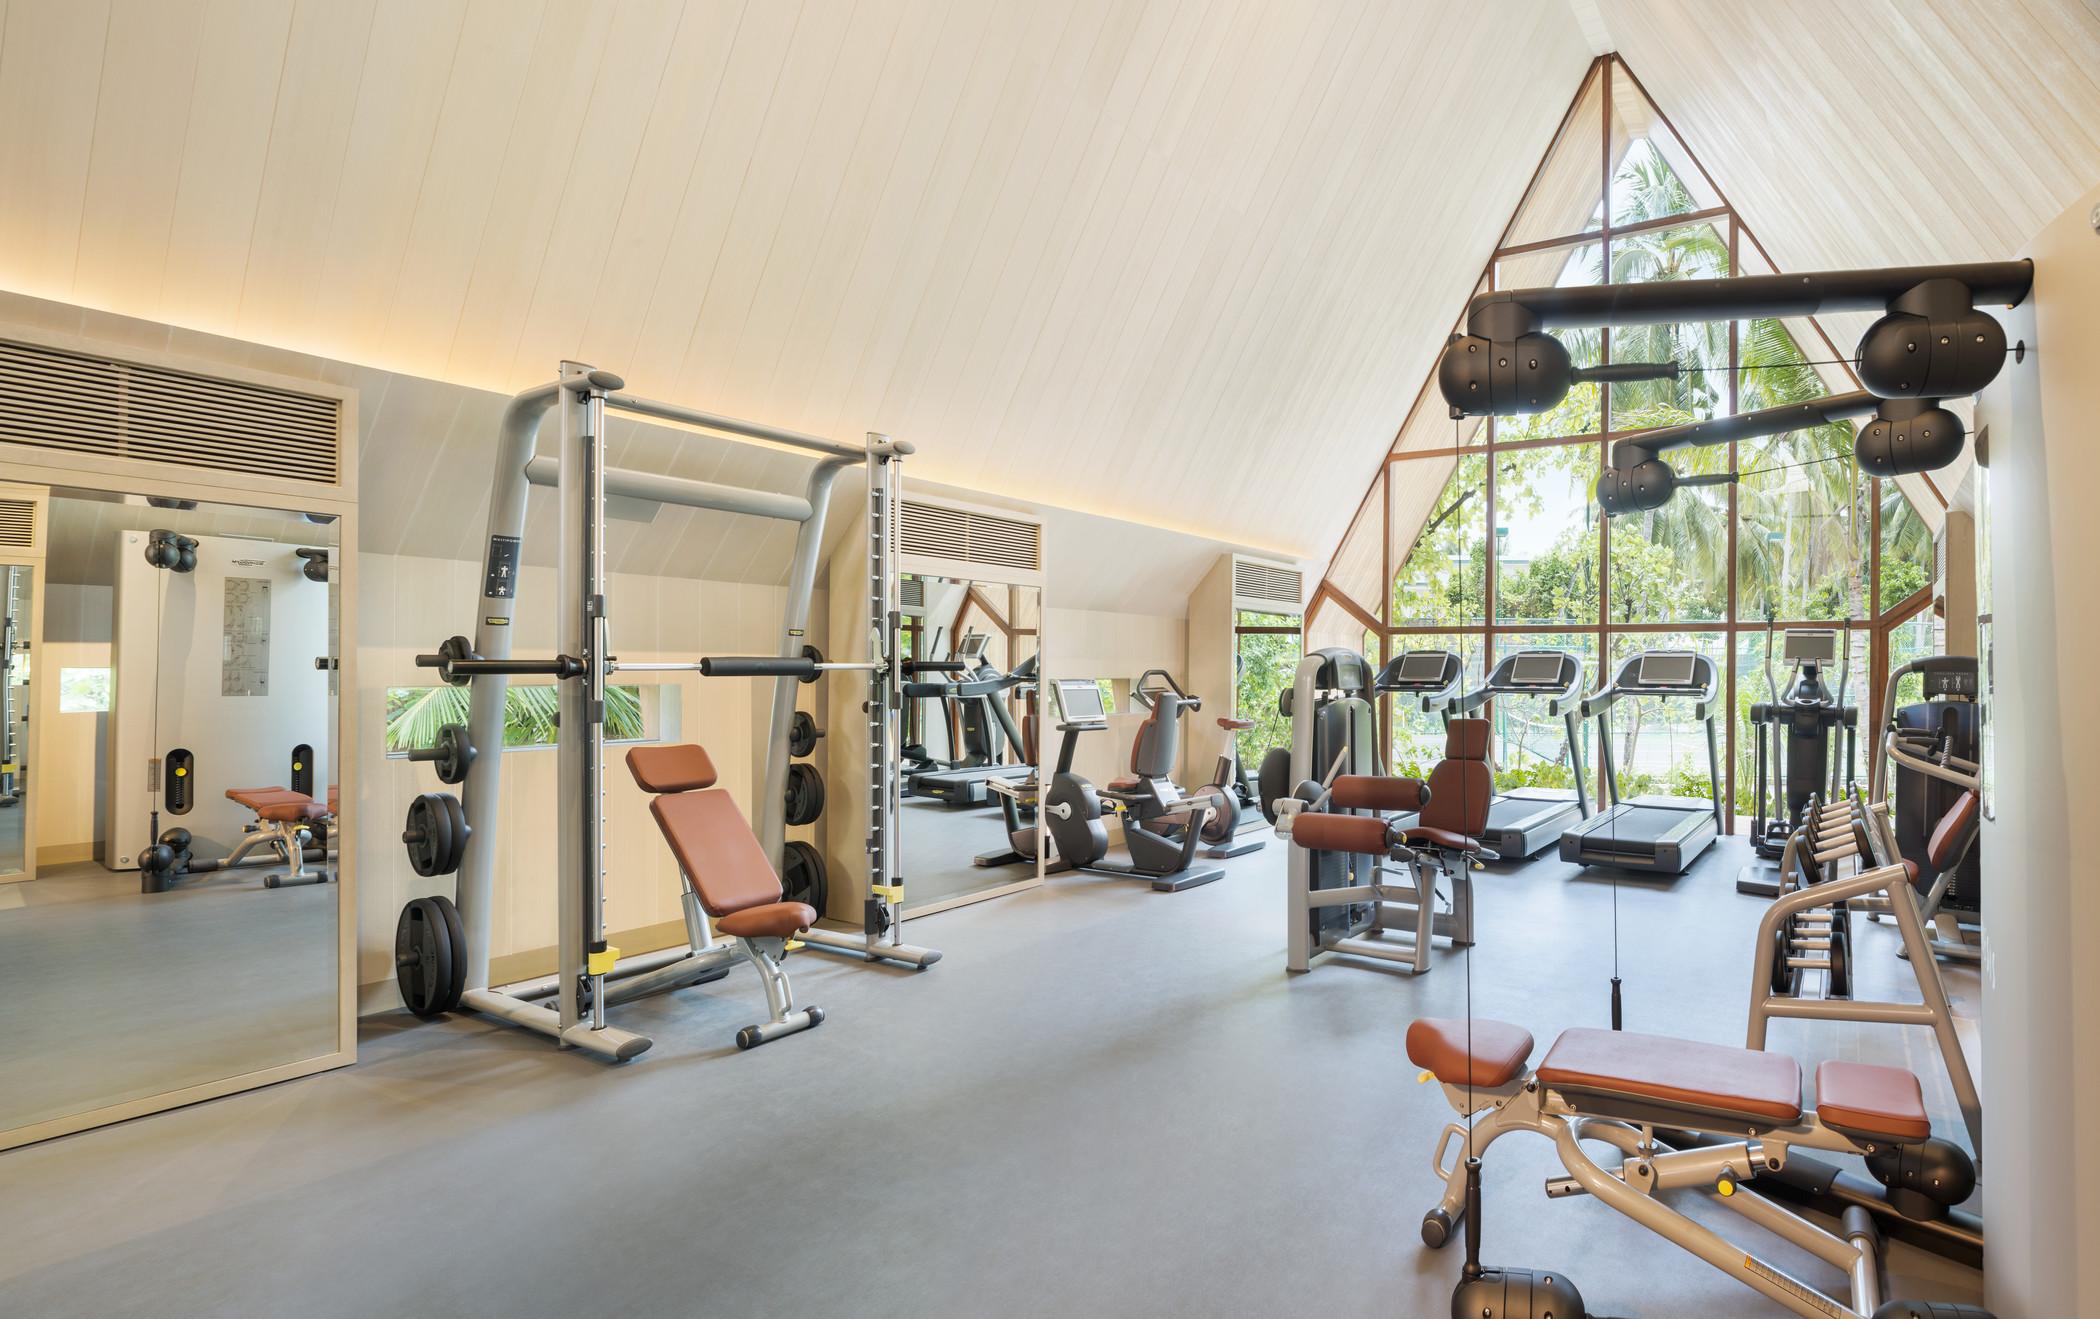 str4315fc-206191-Exercise Room-Med.jpg